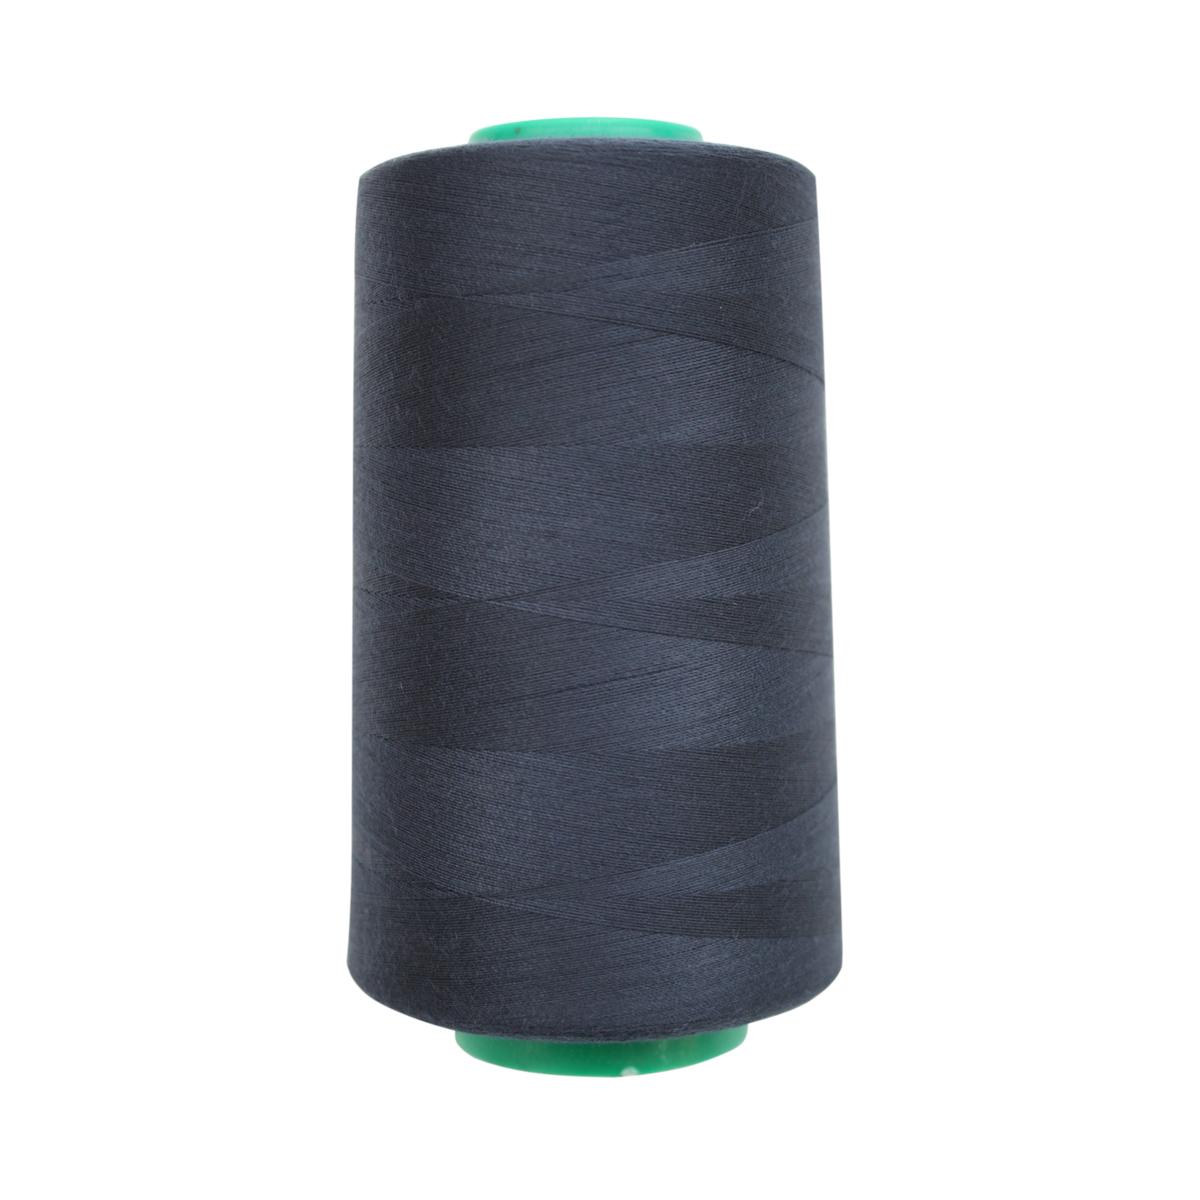 Нитки для шитья Bestex 50/2, 5000 ярд, цвет: т.чернильный (194)7700936-194Сфера использования: трикотаж; ткани малого веса; оверлочные швы; отделка краев; вышивка. Размер игл №70-80